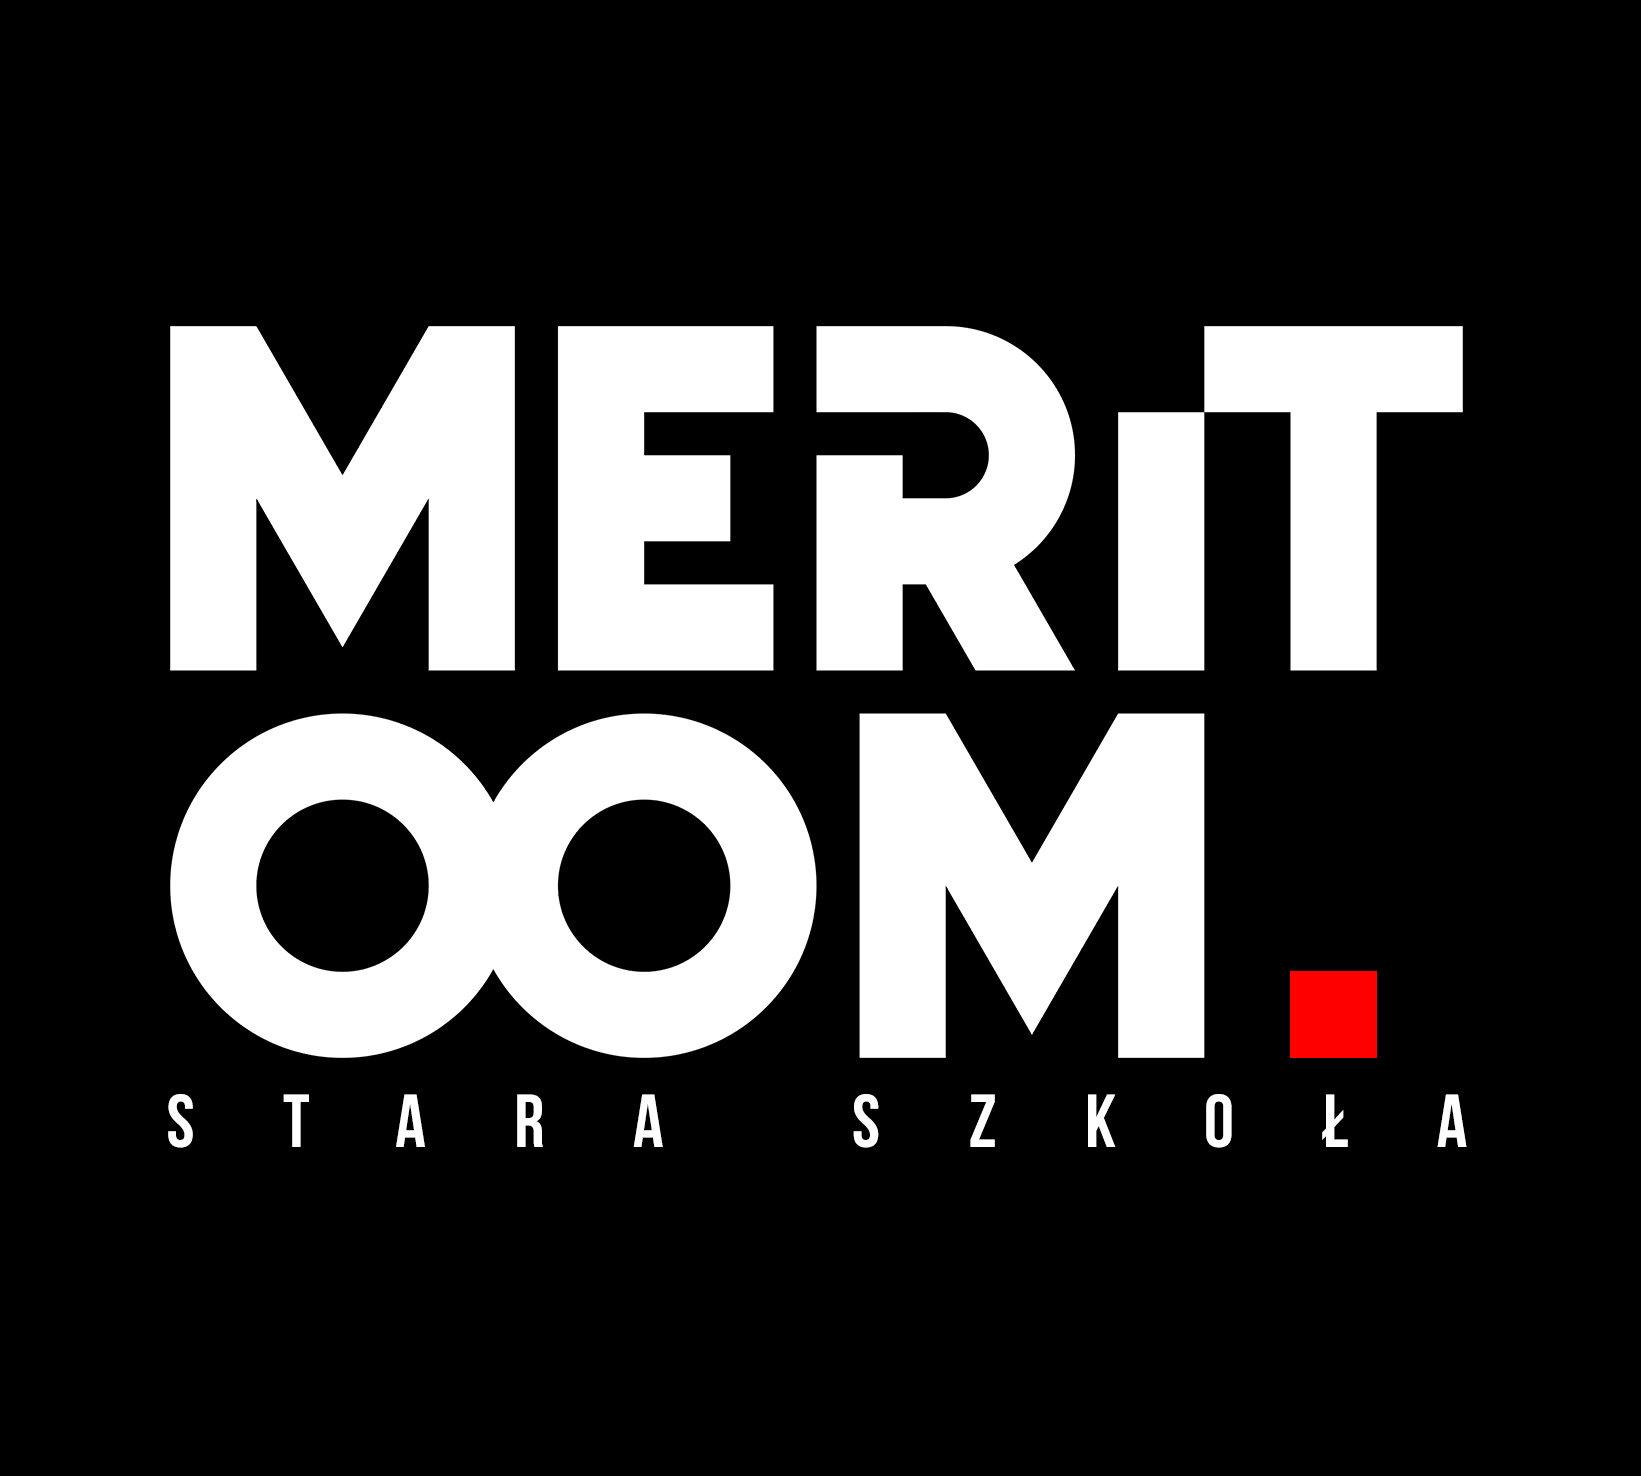 Meritoom - kolejny singiel i start sprzedaży płyty